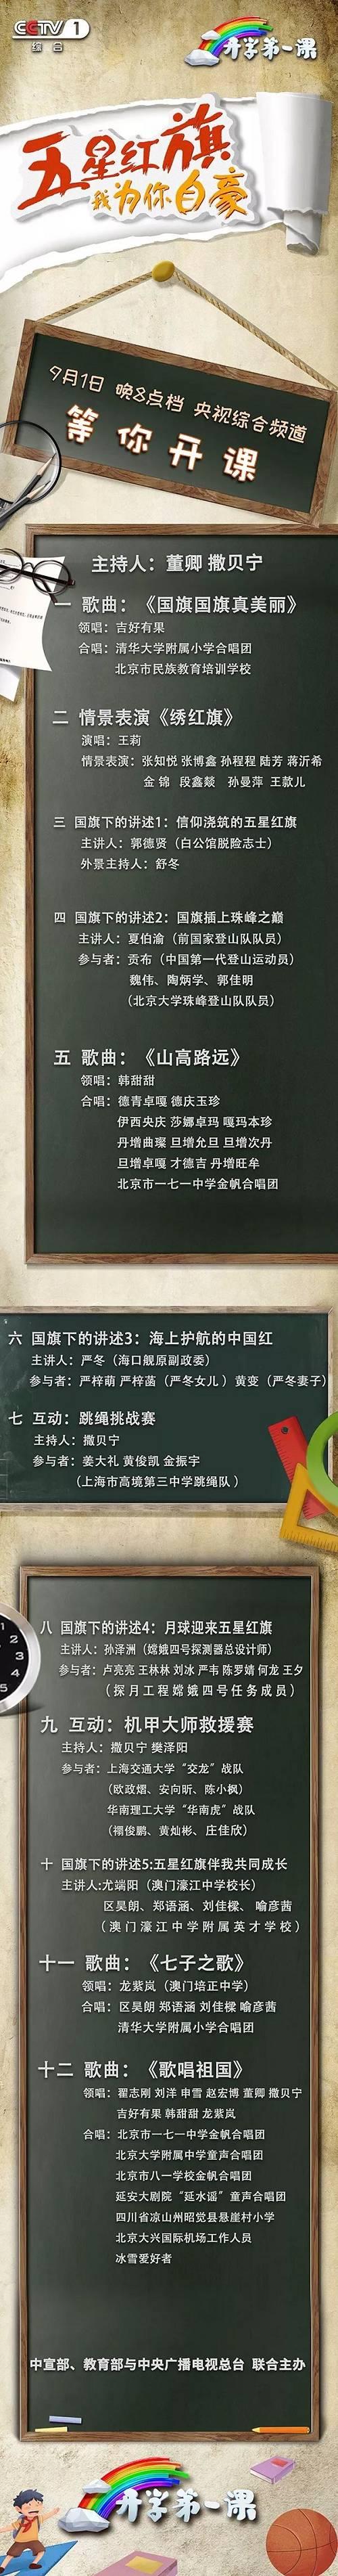 资料来源:《习近平的七年知青岁月》、《学习时报》、新华网等编辑/司卿